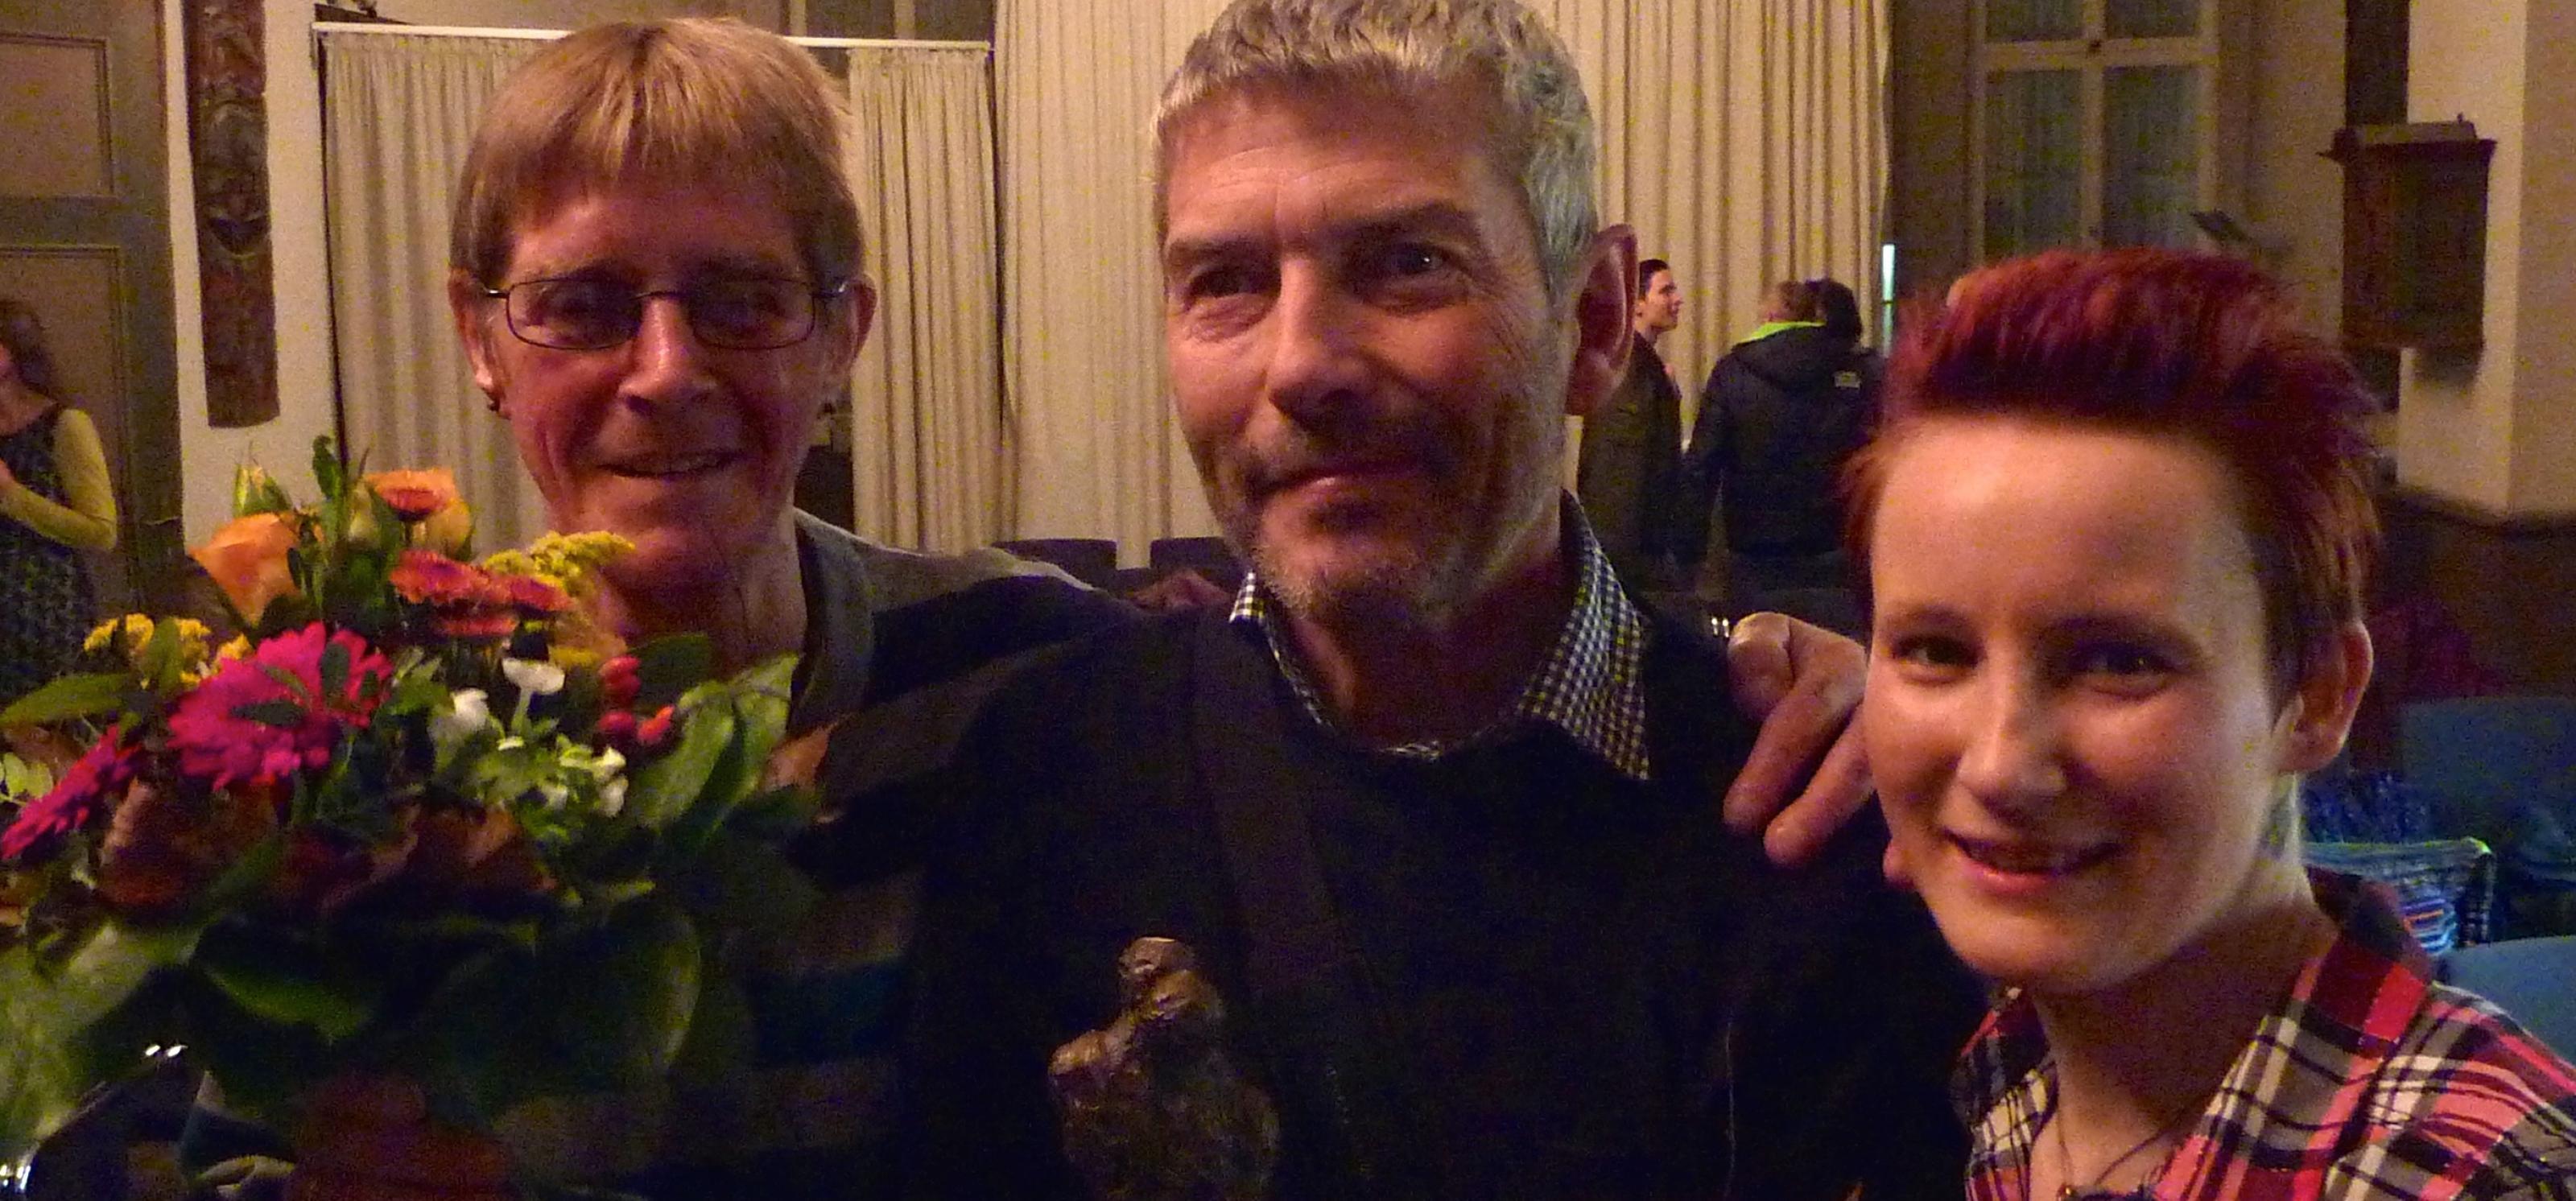 Drei der Preisträger mit Preisstatue und Blumen stehen unter einem Kronleuchter